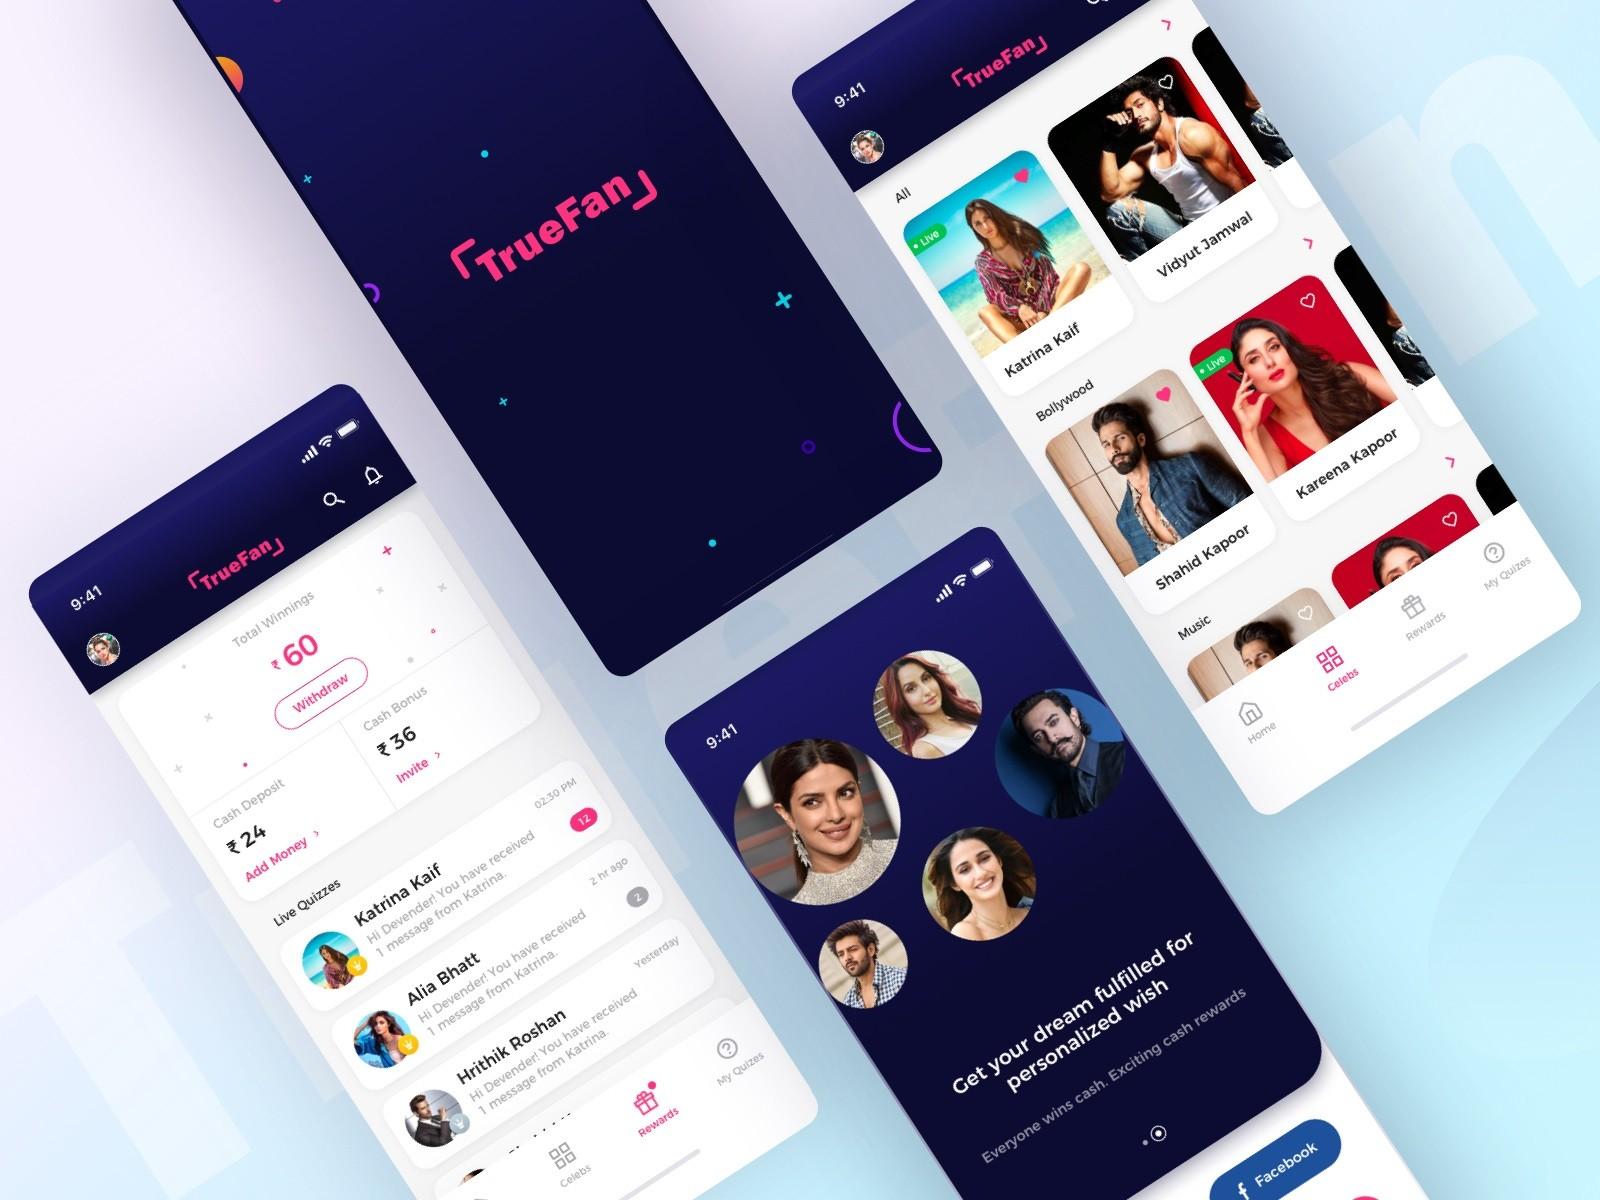 Celebrity-fan startup TrueFan